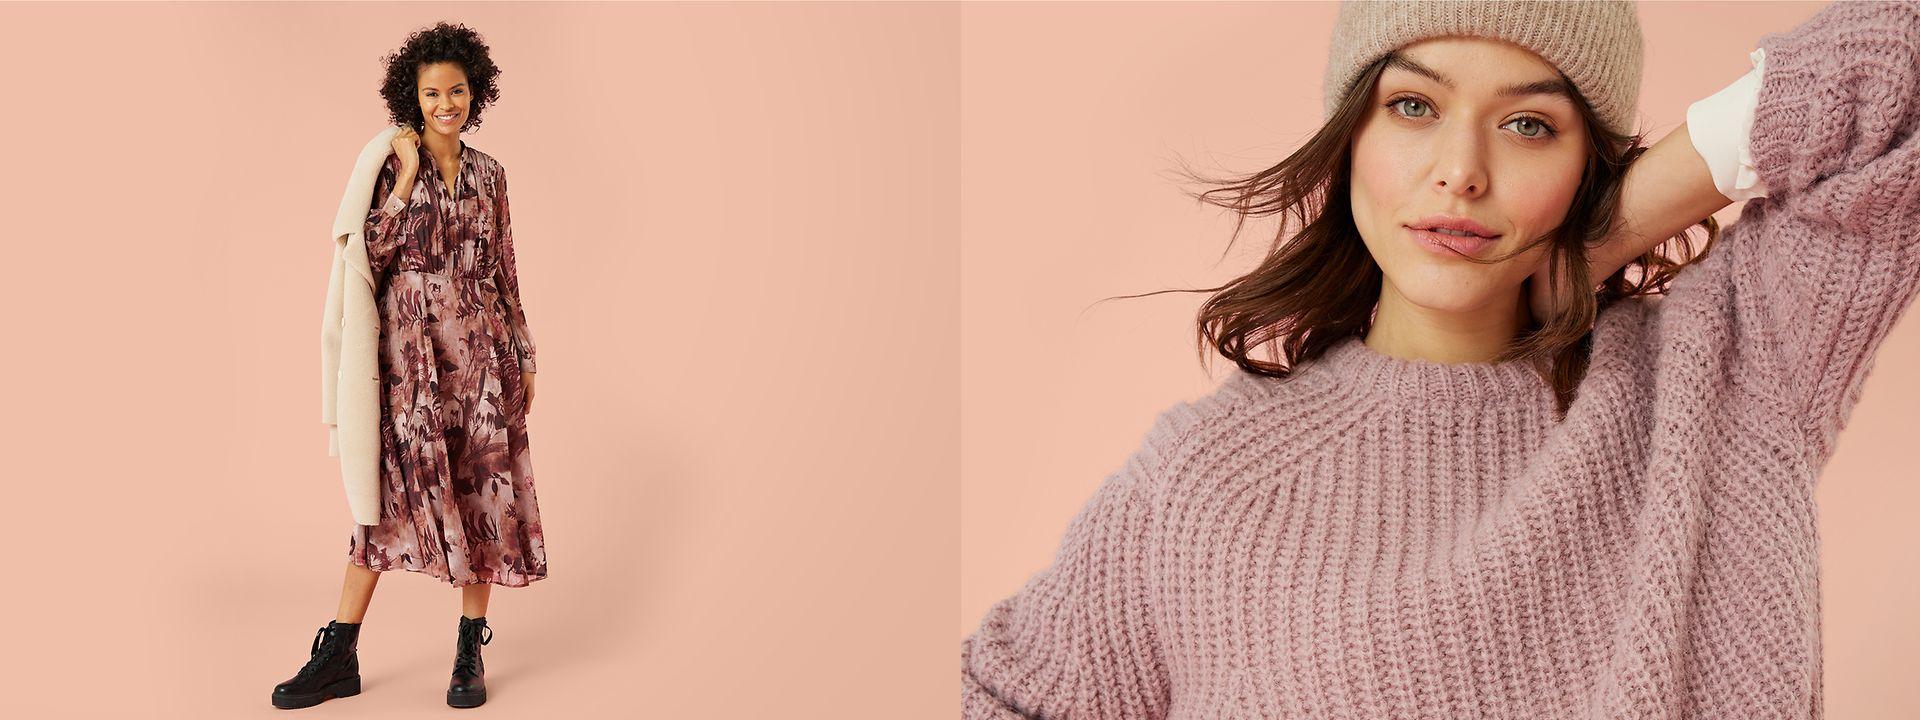 402021 - women - unknown startpage - hero medium - outerwear - IMG